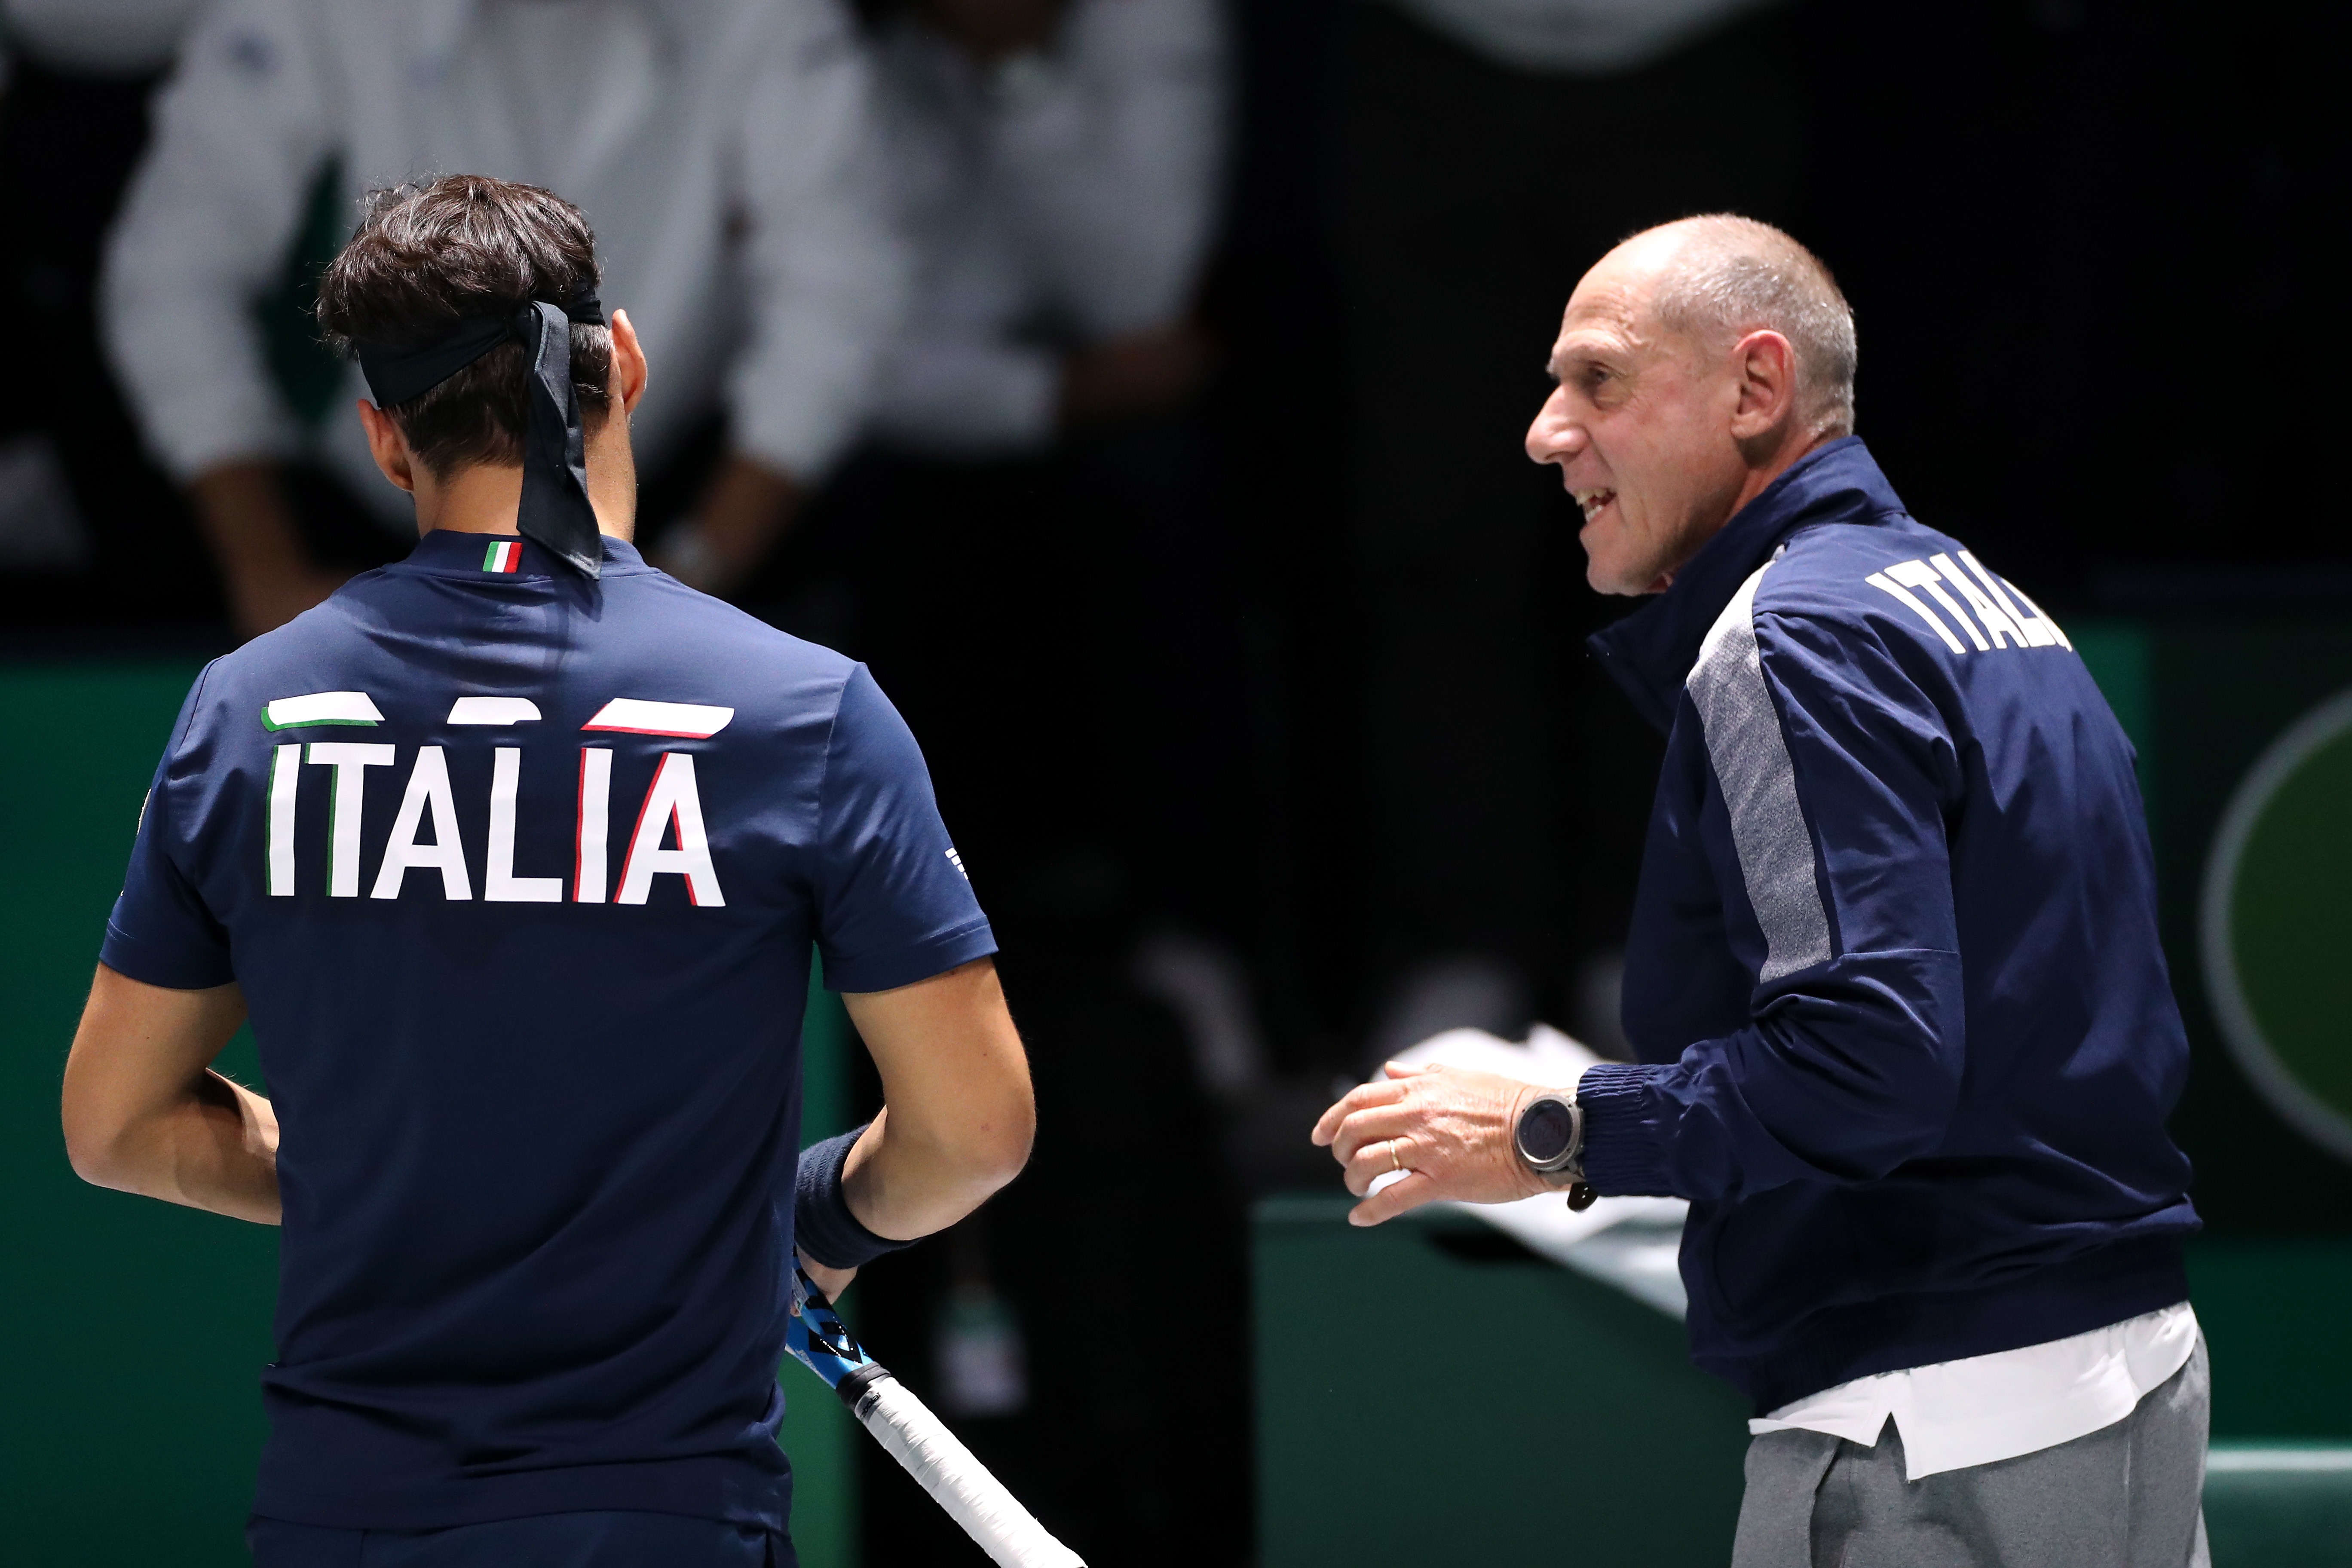 Prima giornata di Coppa Davis negativa per i colori azzurri. Il Canada èin vantaggio per 2-0 sugli azzurri dopo i primi due singolari del...